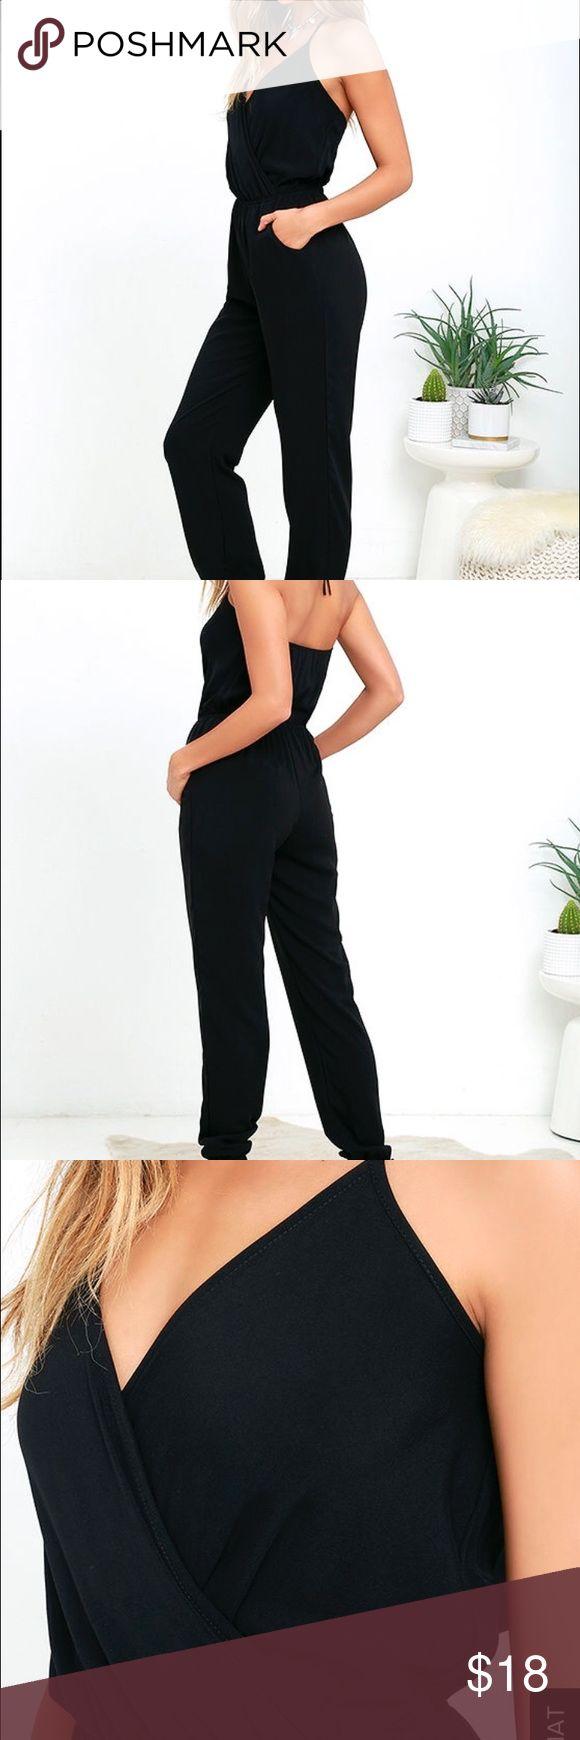 Black Romper Black Romper from Lulu, very comfortable Lulu's Pants Jumpsuits & Rompers